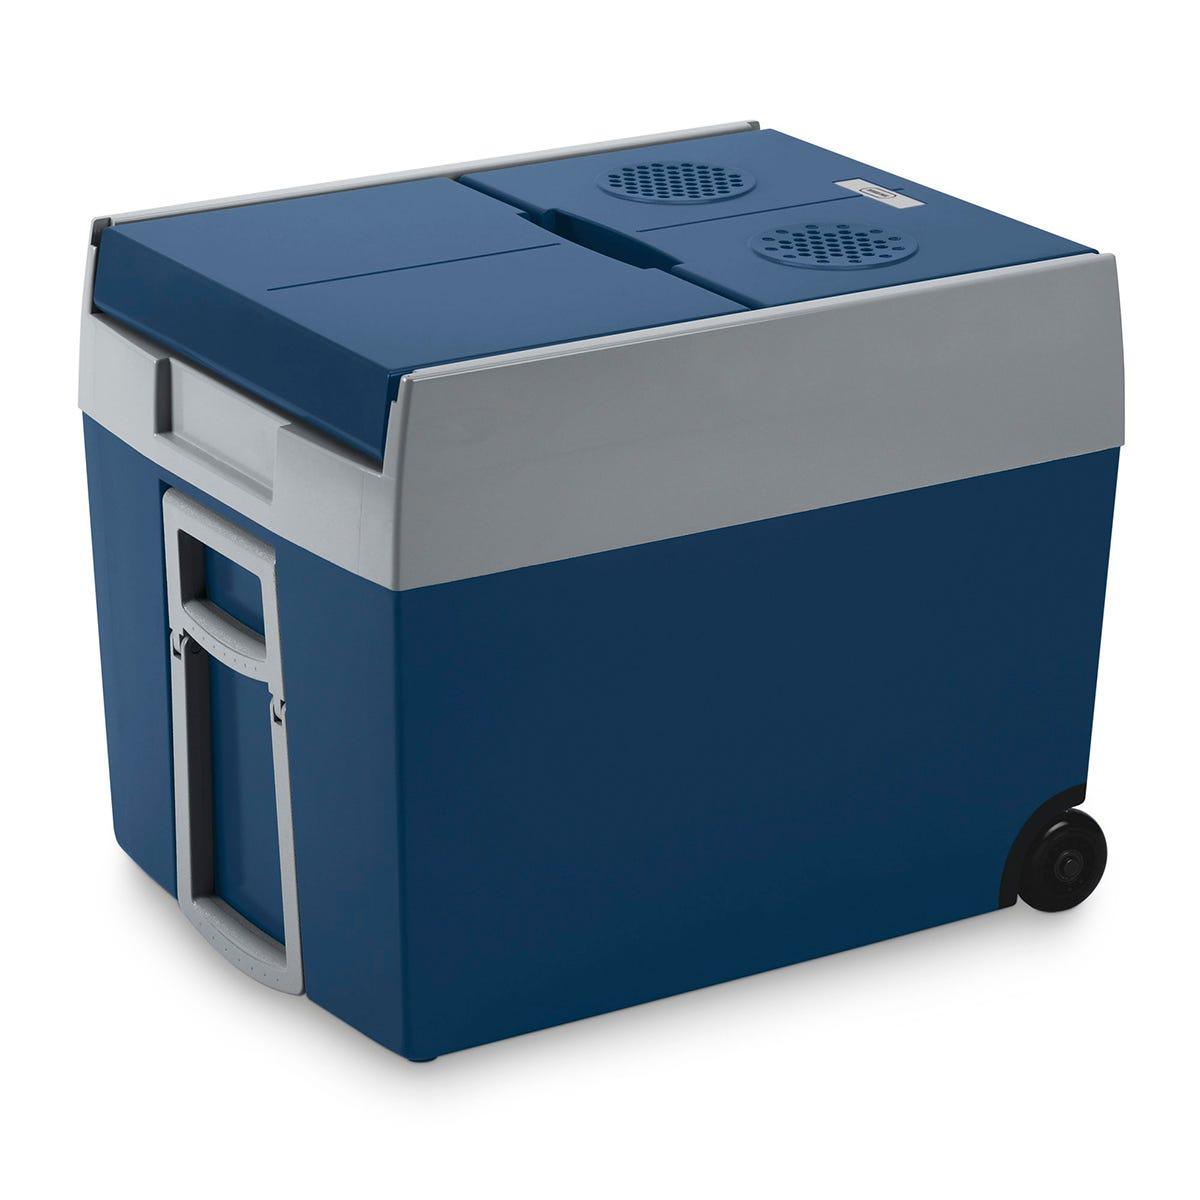 Mobicool W48 Cool Box - 48L